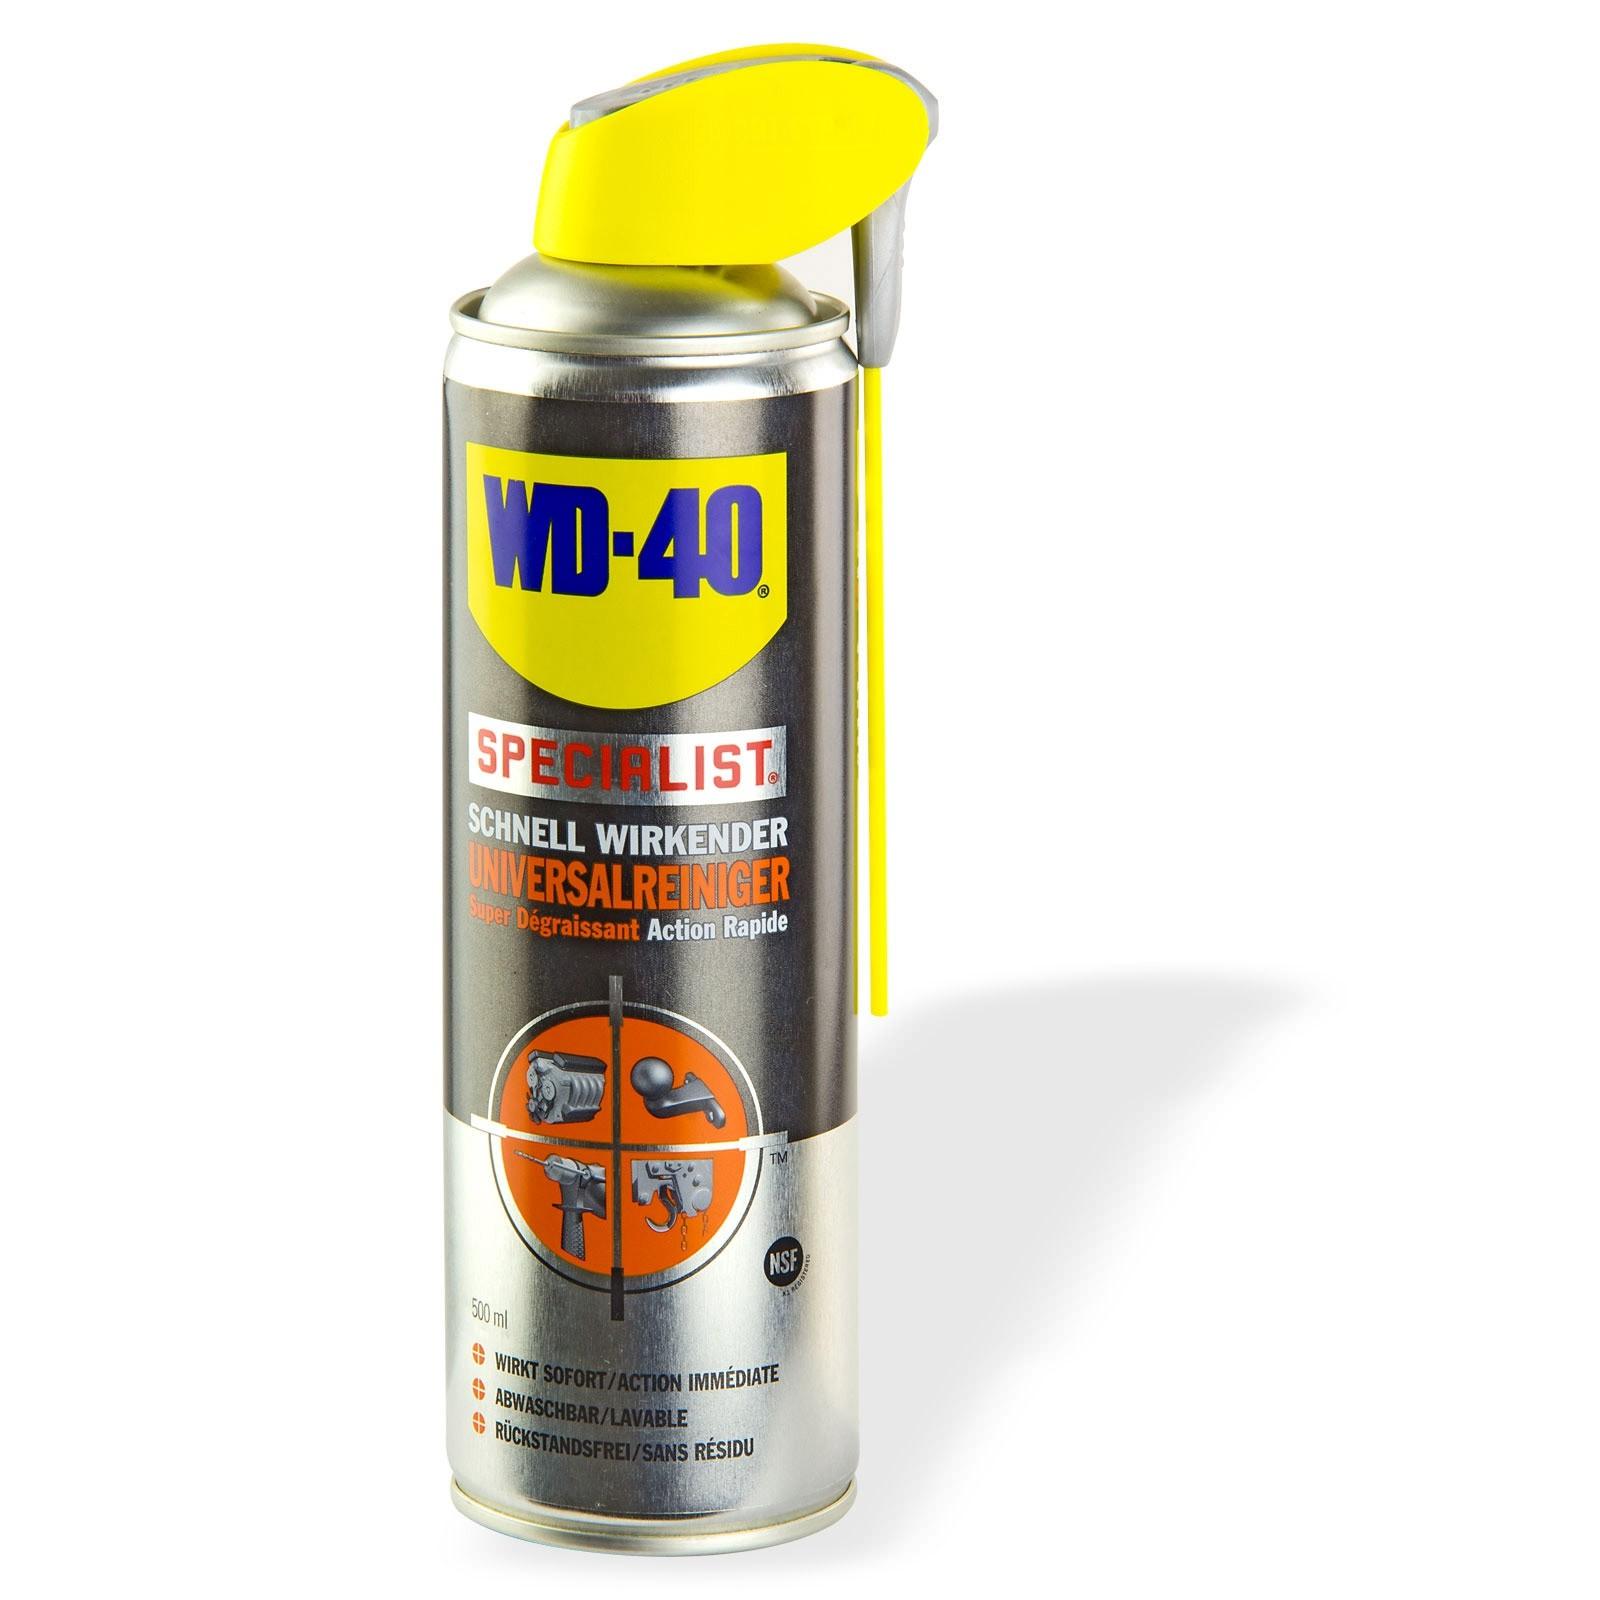 WD 40 WD-40 Universalreiniger / Sprühreiniger 500ml 21161